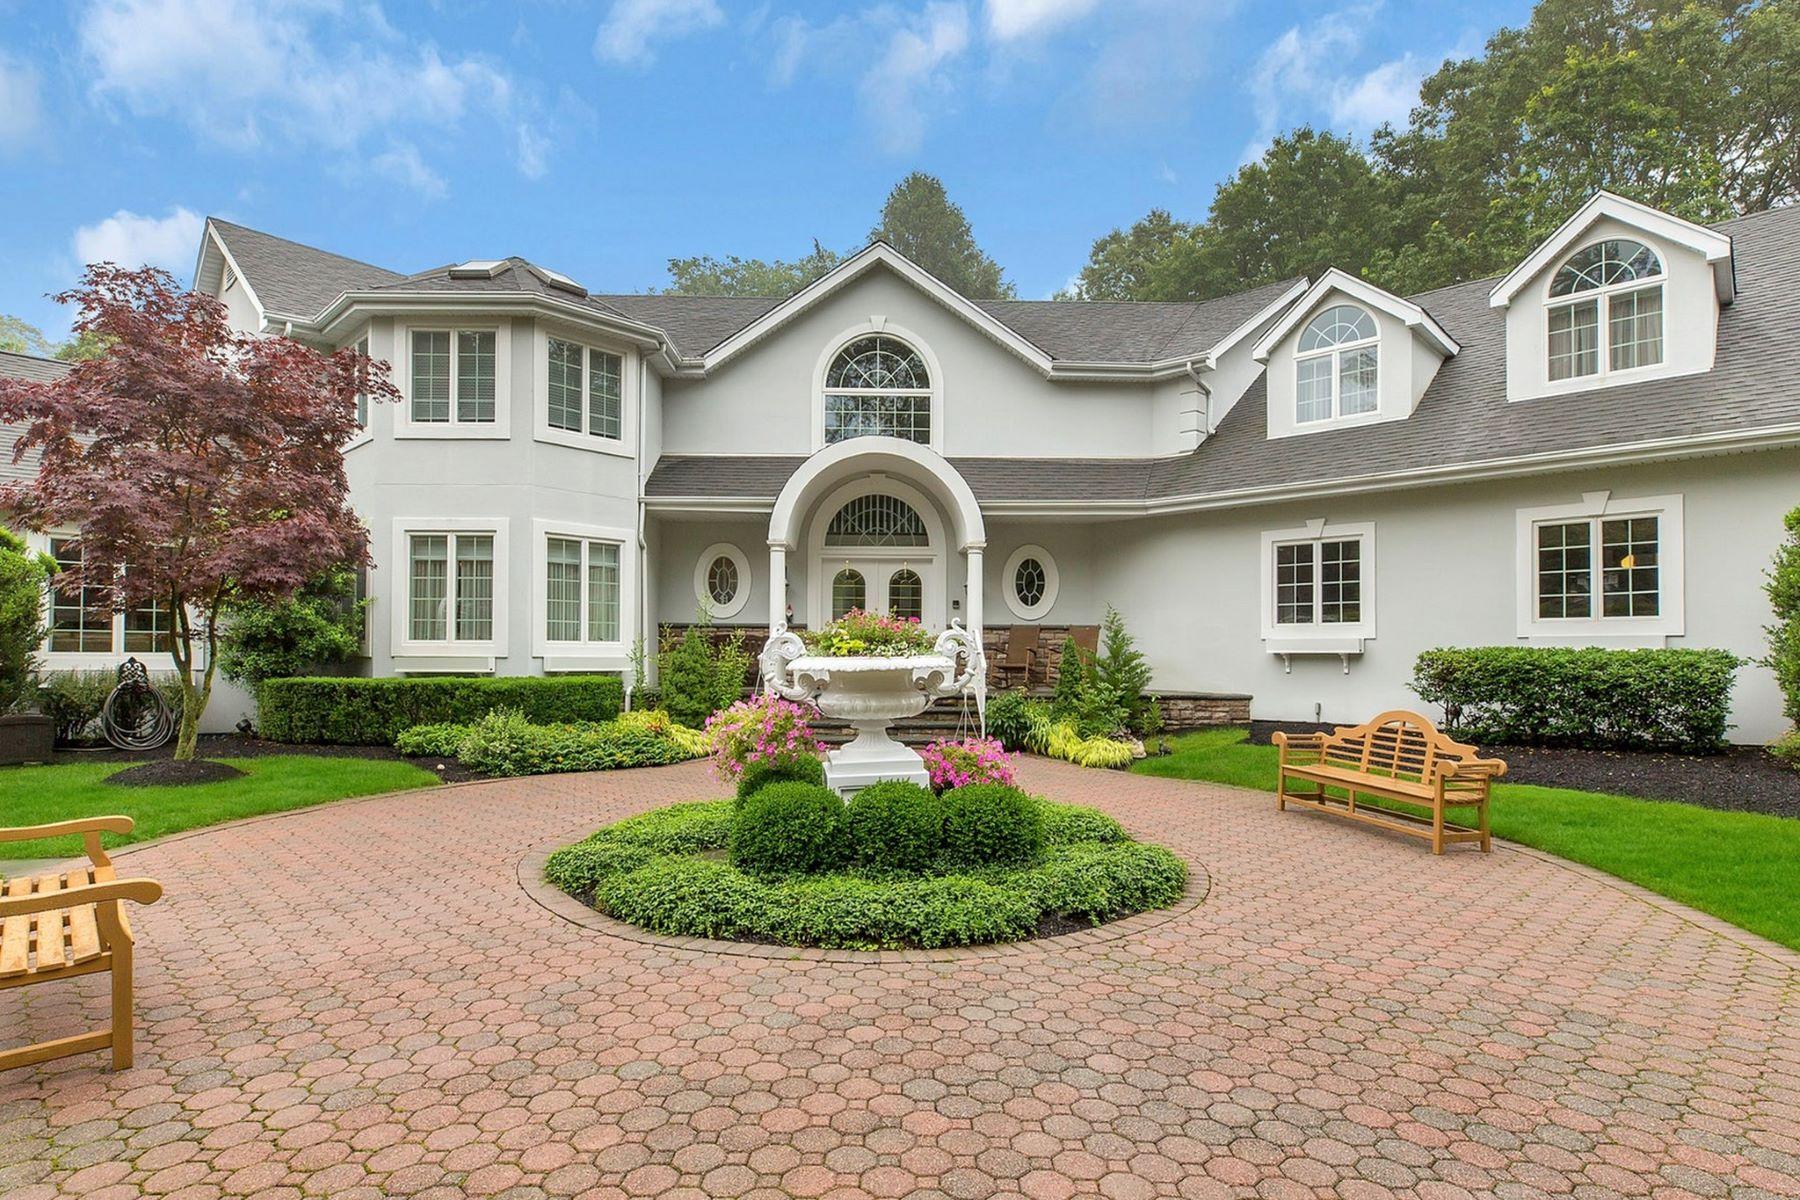 Single Family Homes für Verkauf beim Dix Hills 272 Half Hollow Rd, Dix Hills, New York 11746 Vereinigte Staaten